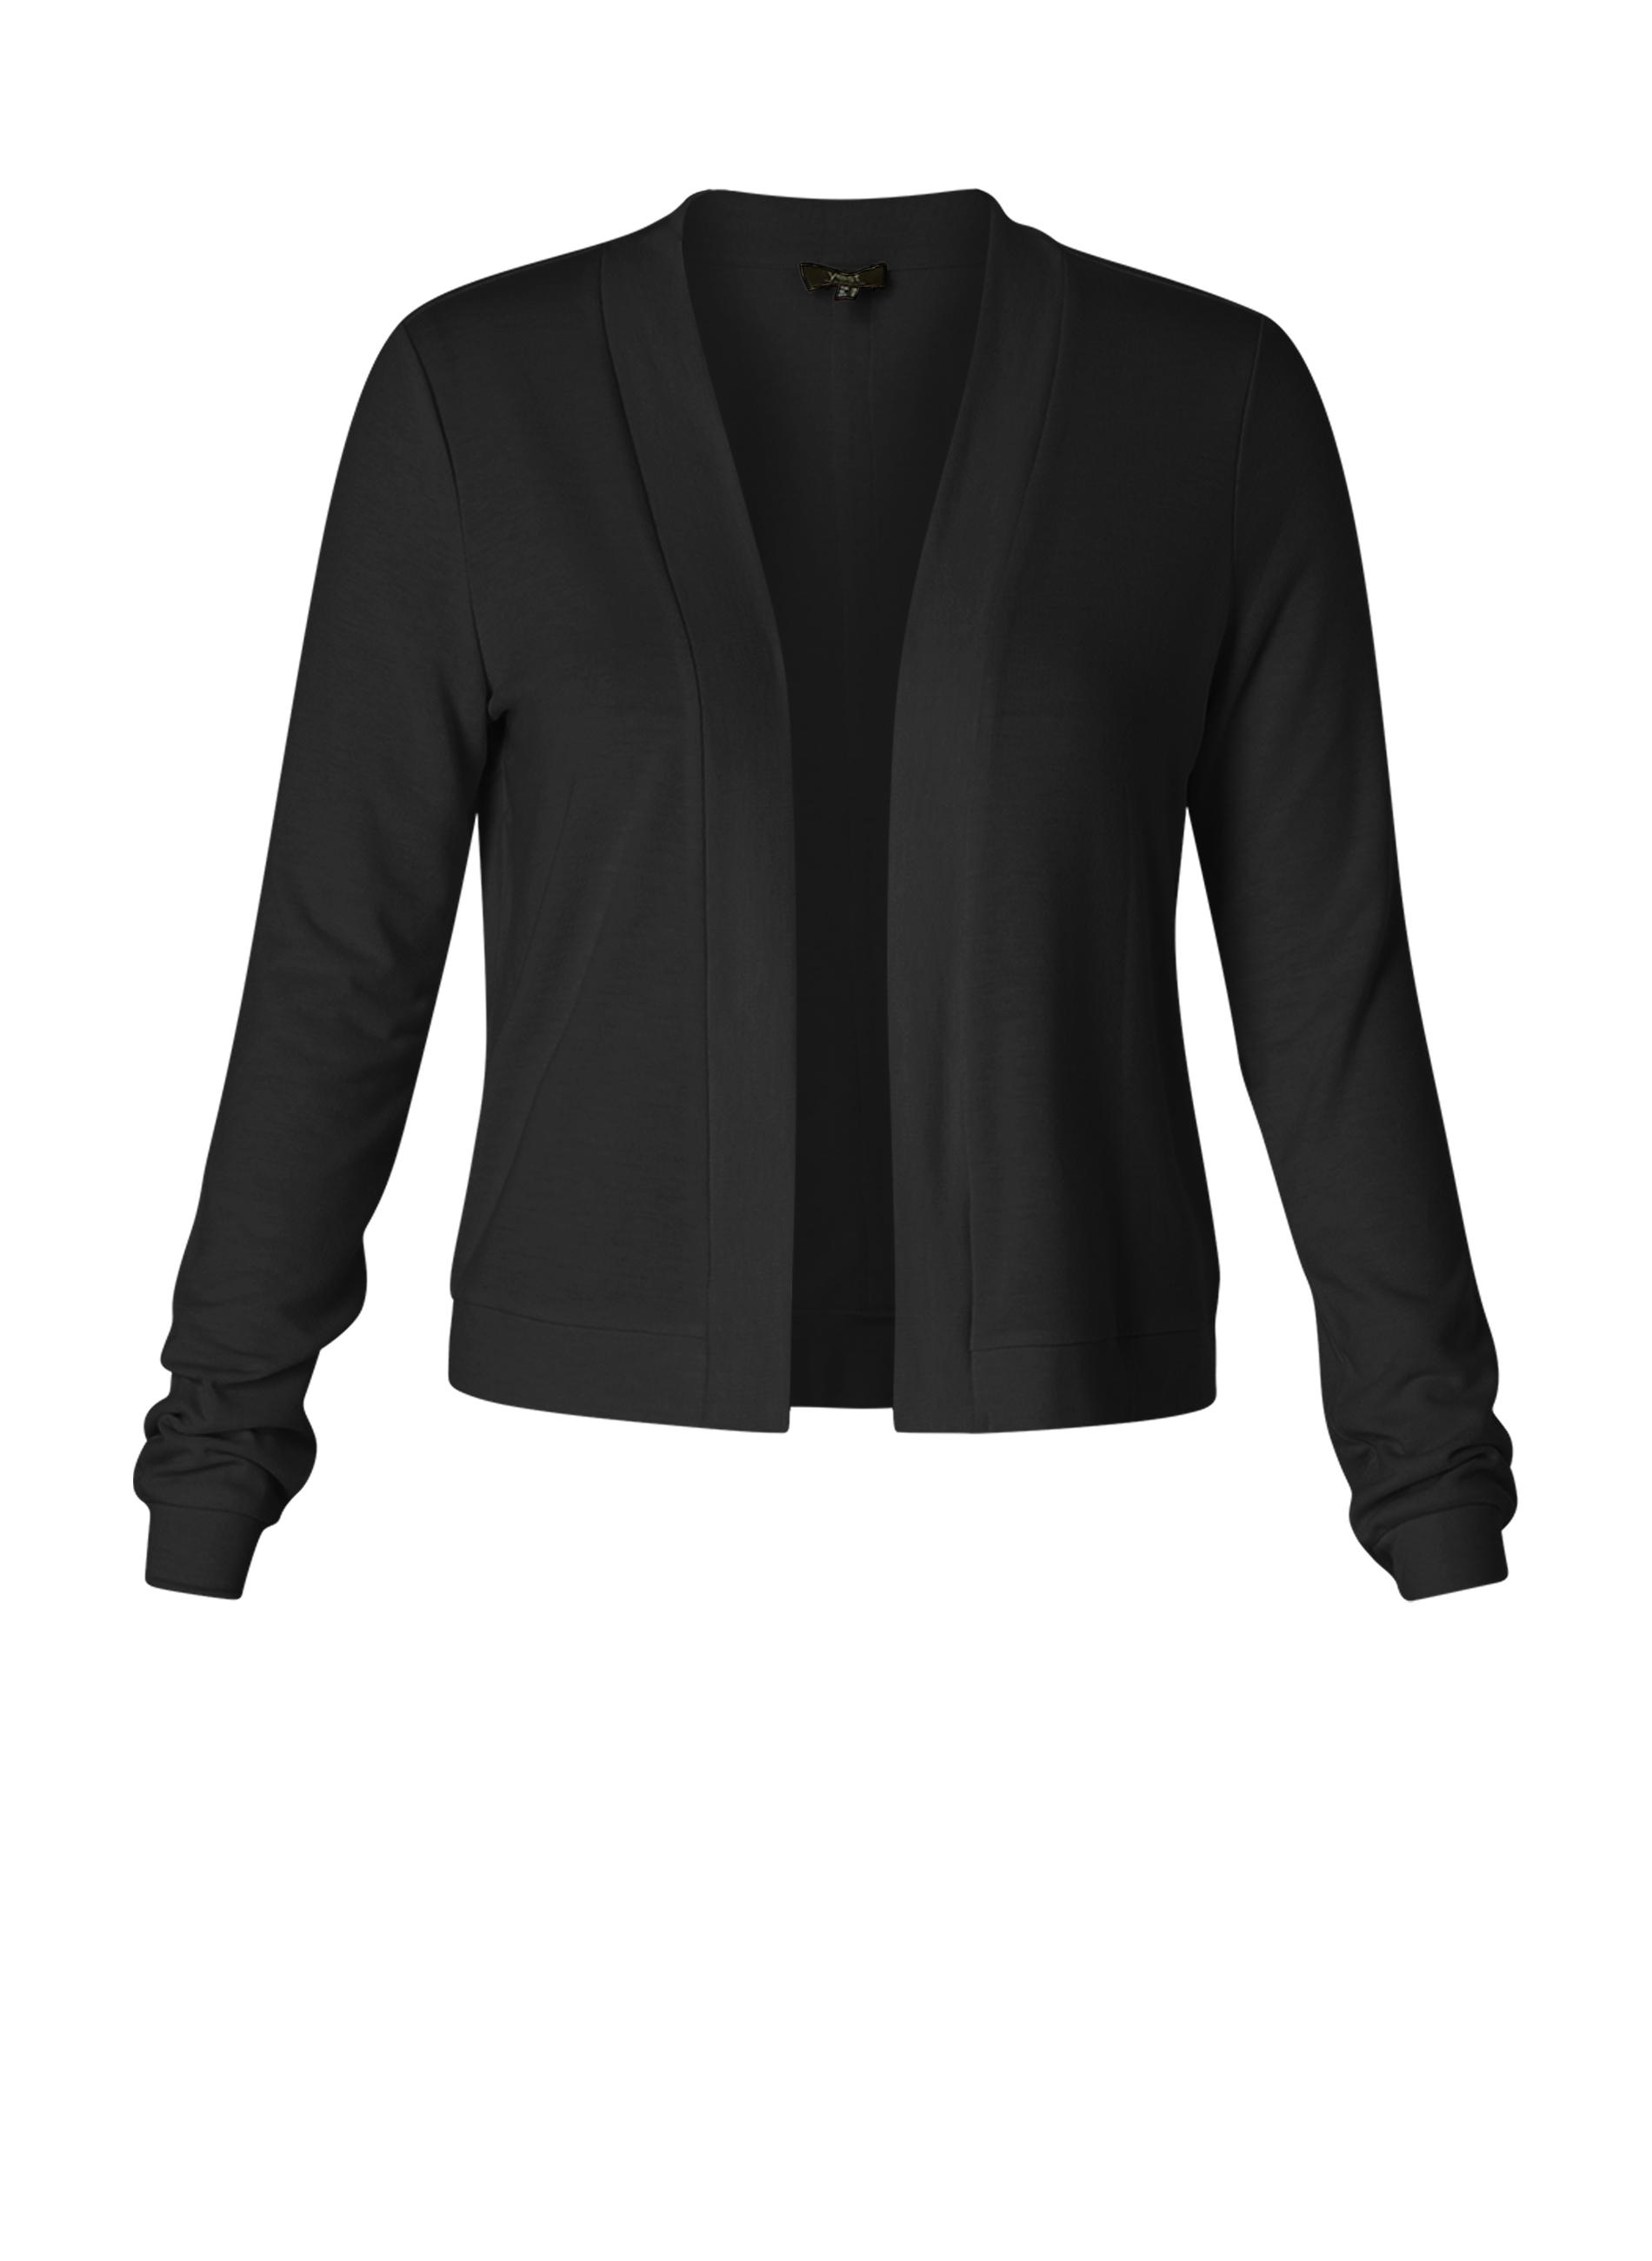 Yest vest Isaya 55 cm